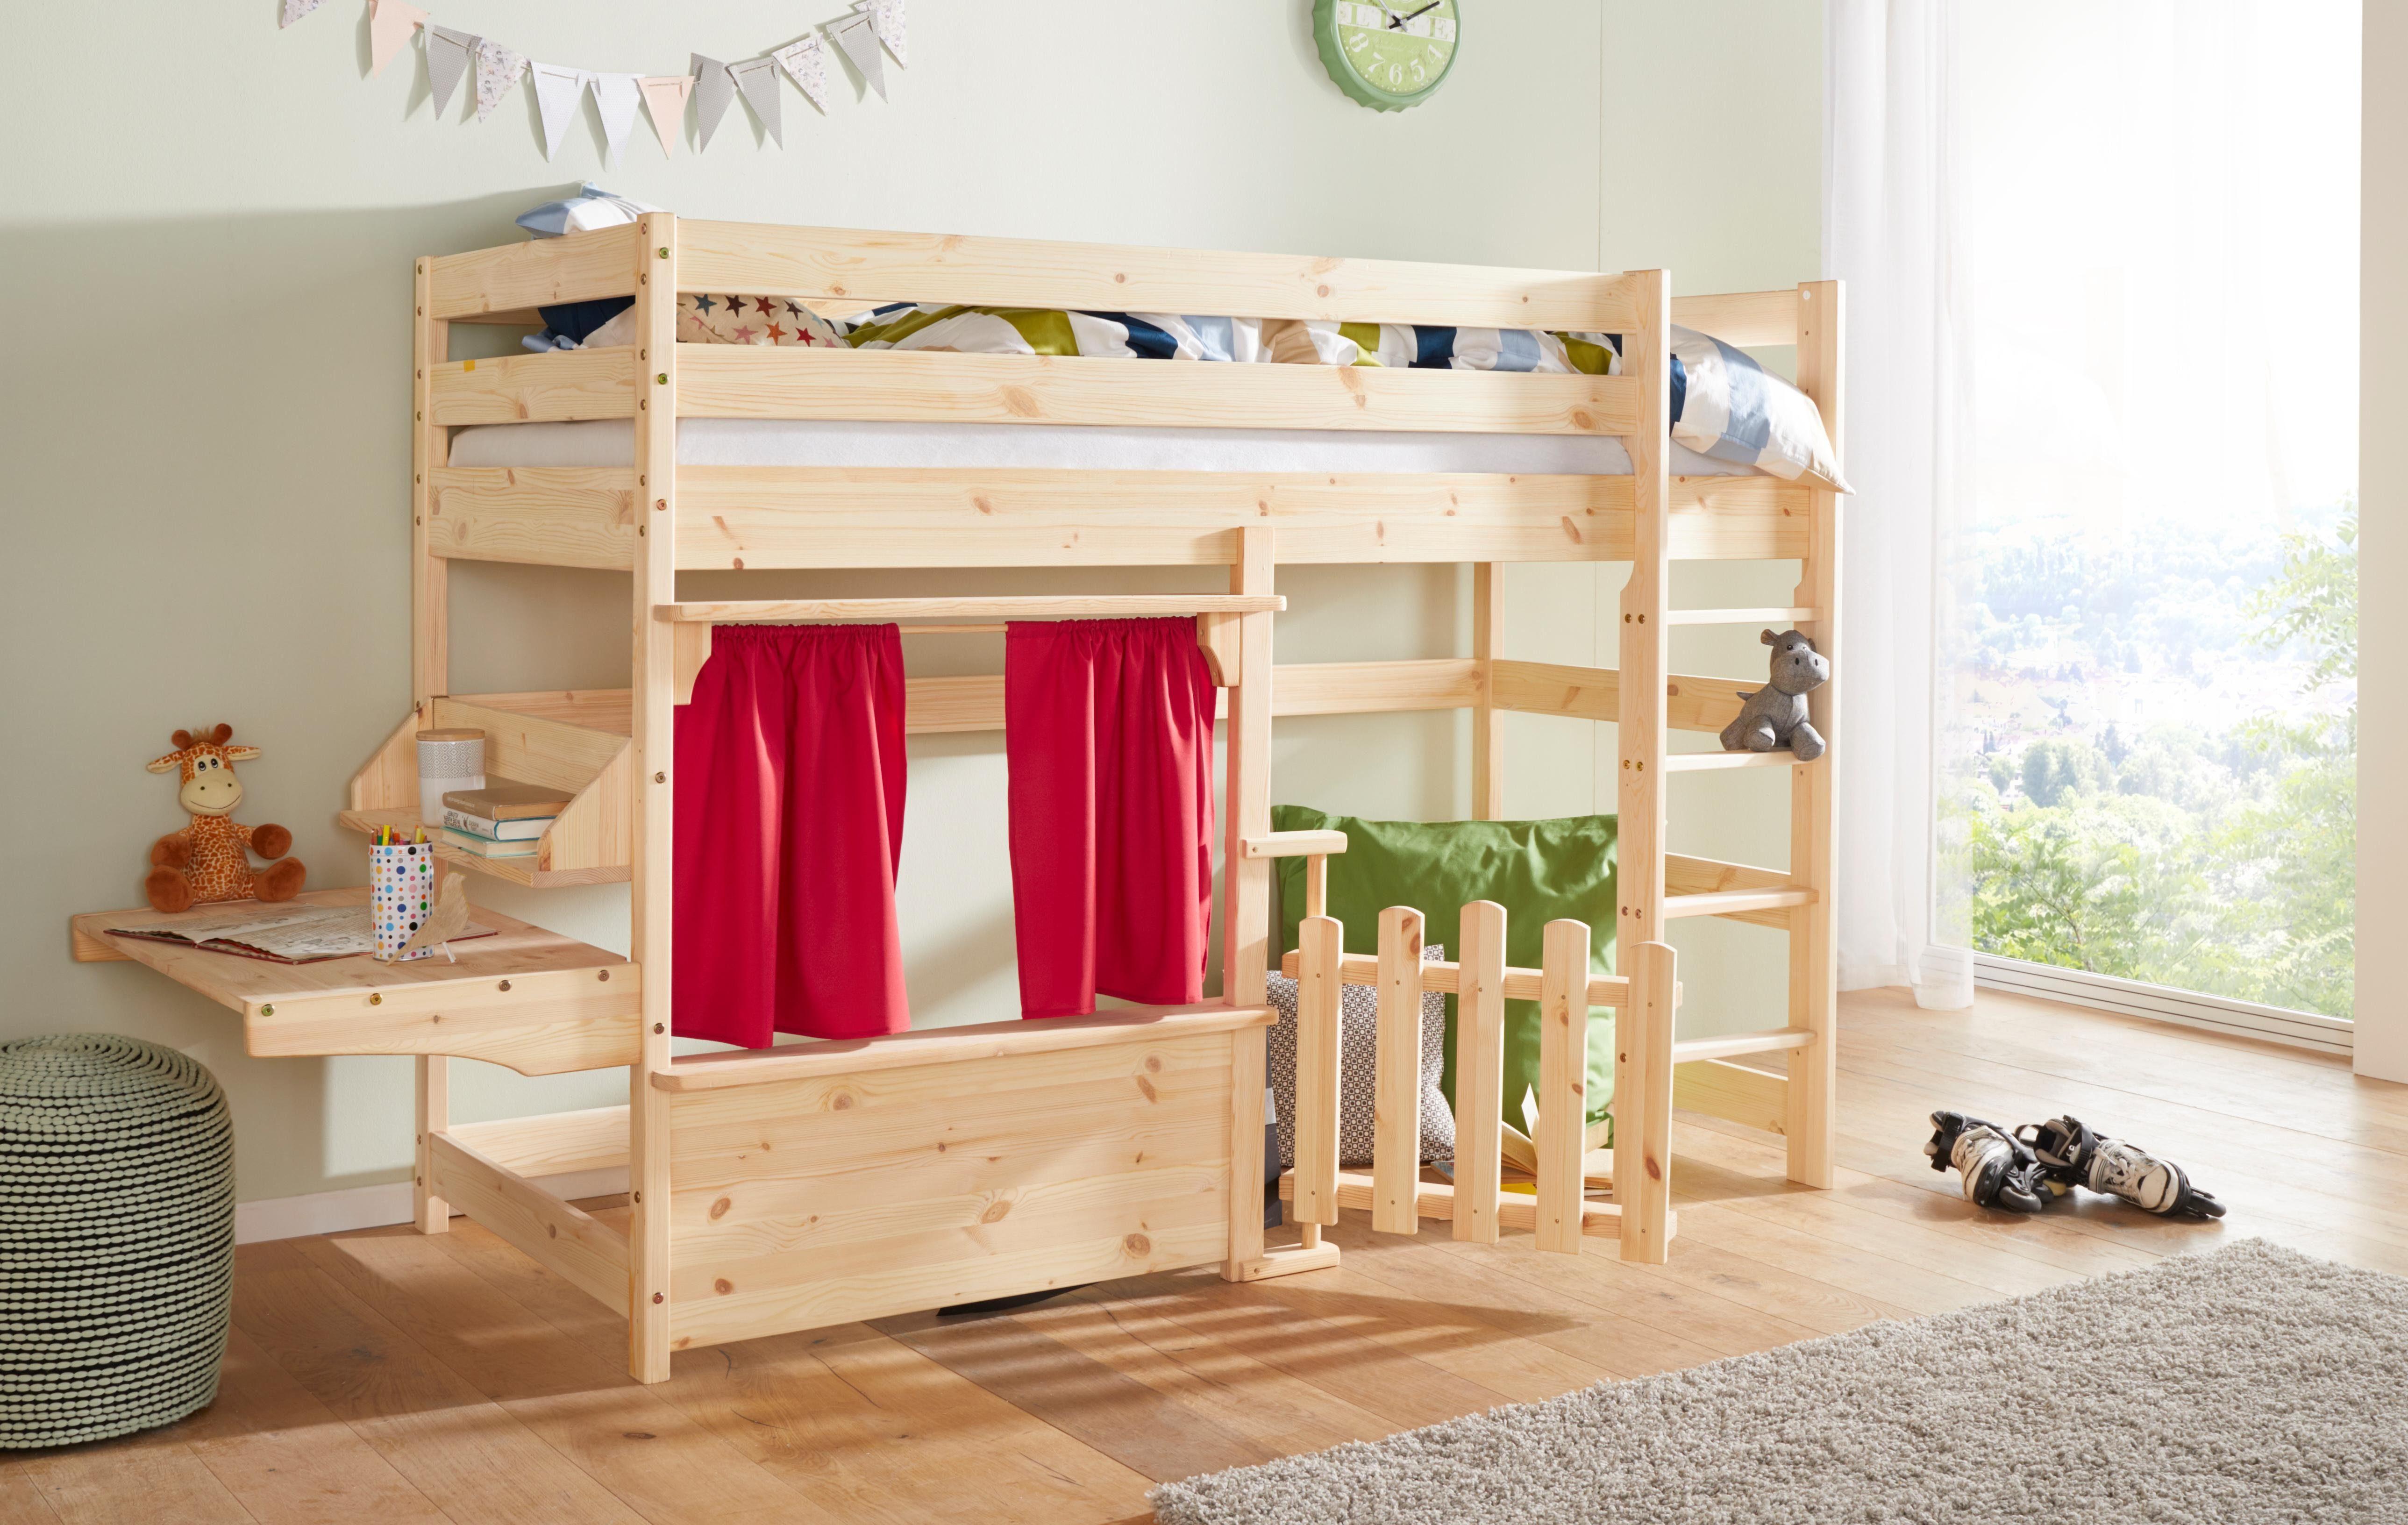 Etagenbett Holz Bio : Kinderbett und jugendbett aus massivholz zwergenmöbel